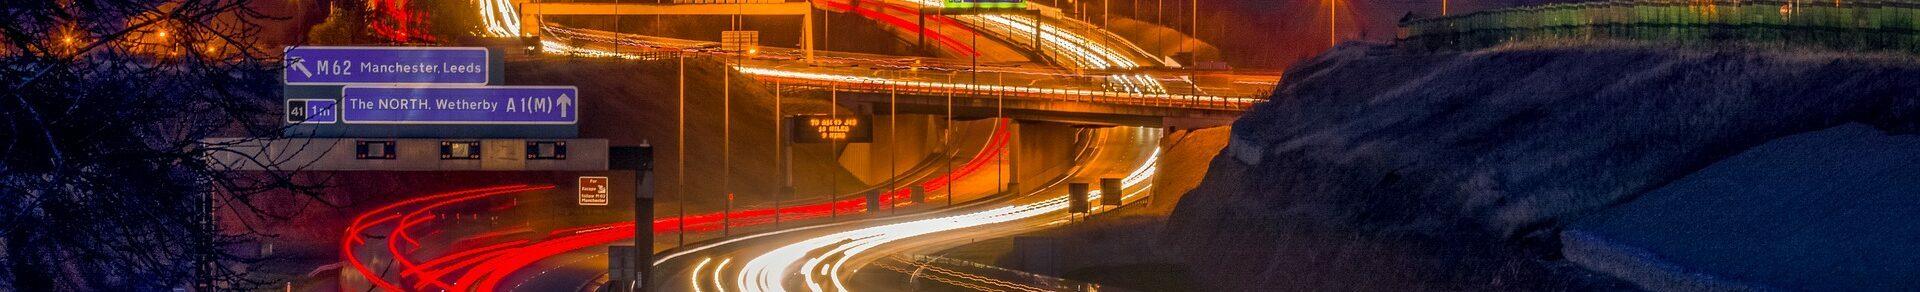 """Selvstyrt Luftfart kommer – nå bygges """"luftens motorveier"""""""